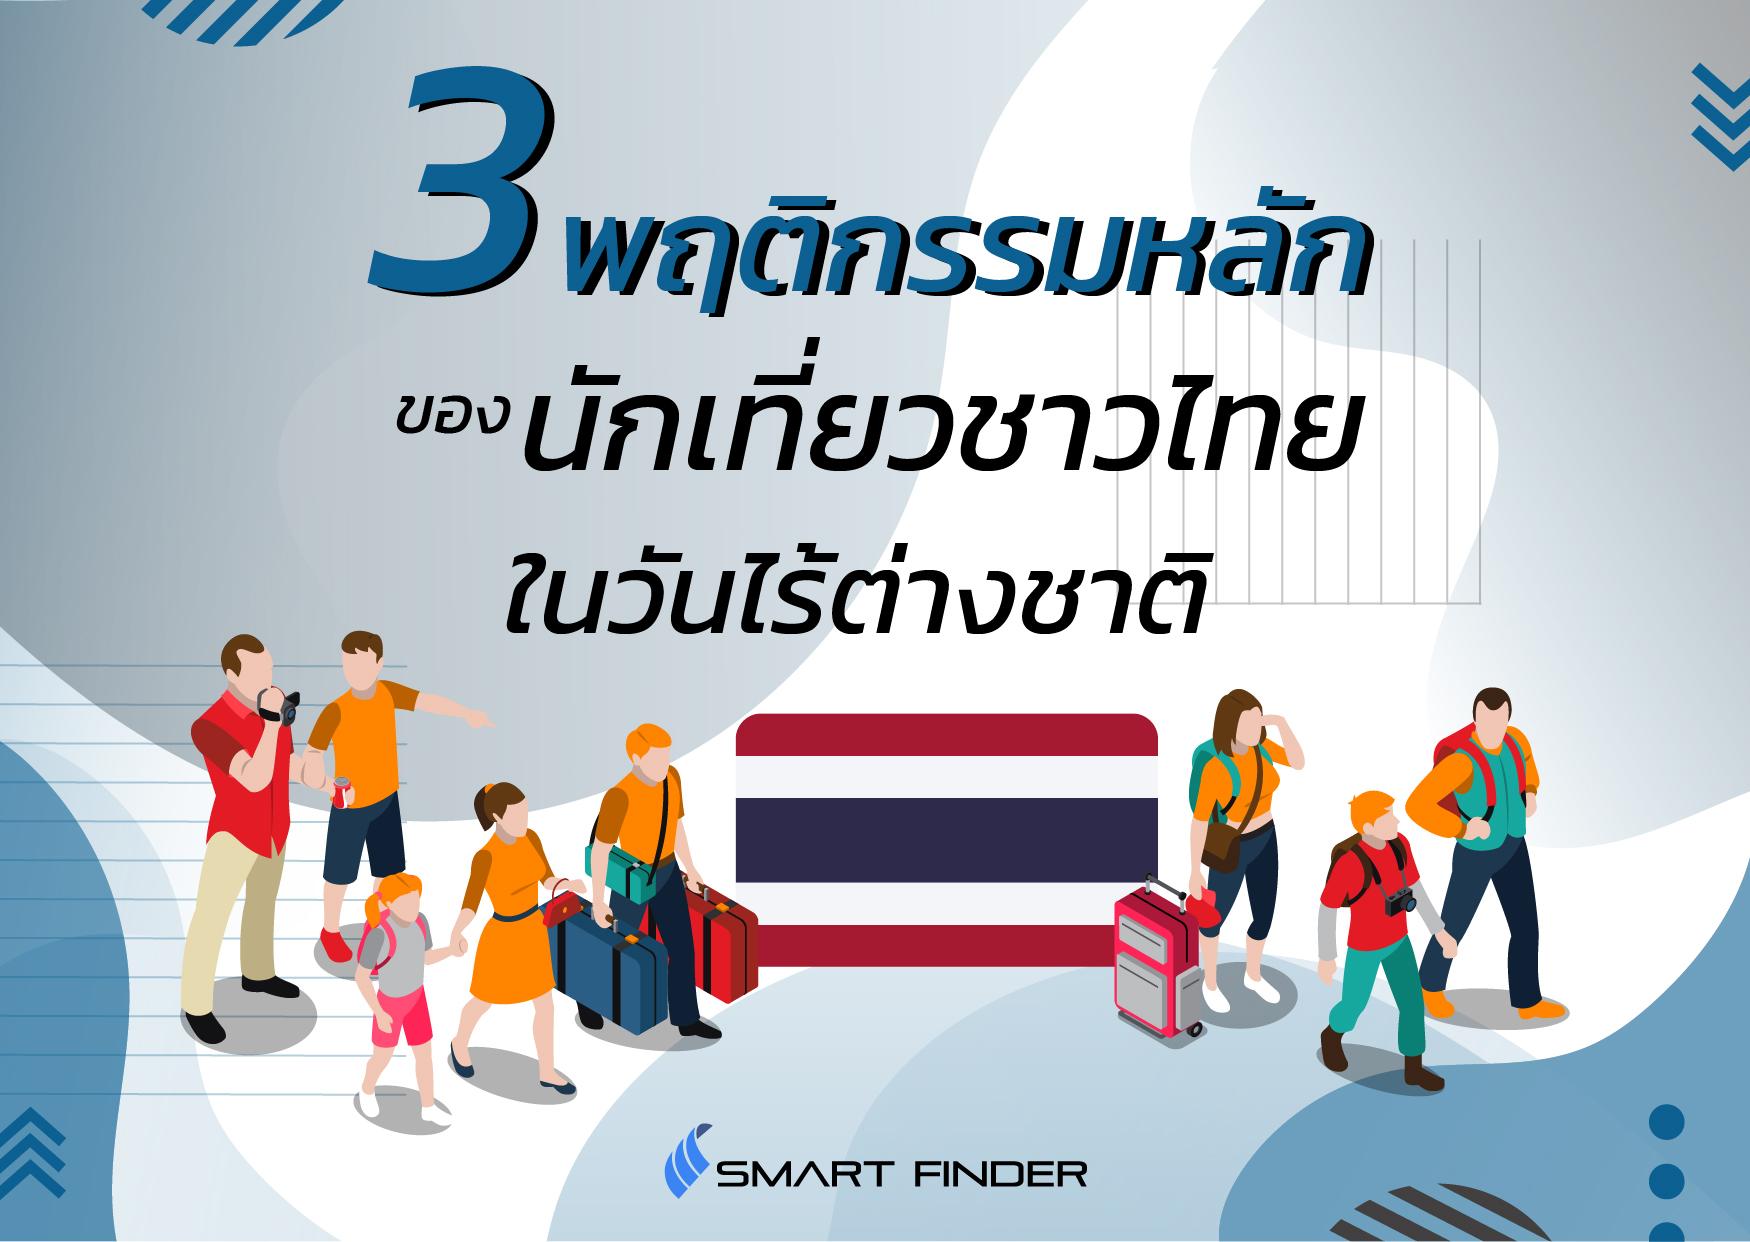 จับจุด 3 พฤติกรรมหลักของนักเที่ยวชาวไทย ในวันไร้ต่างชาติ